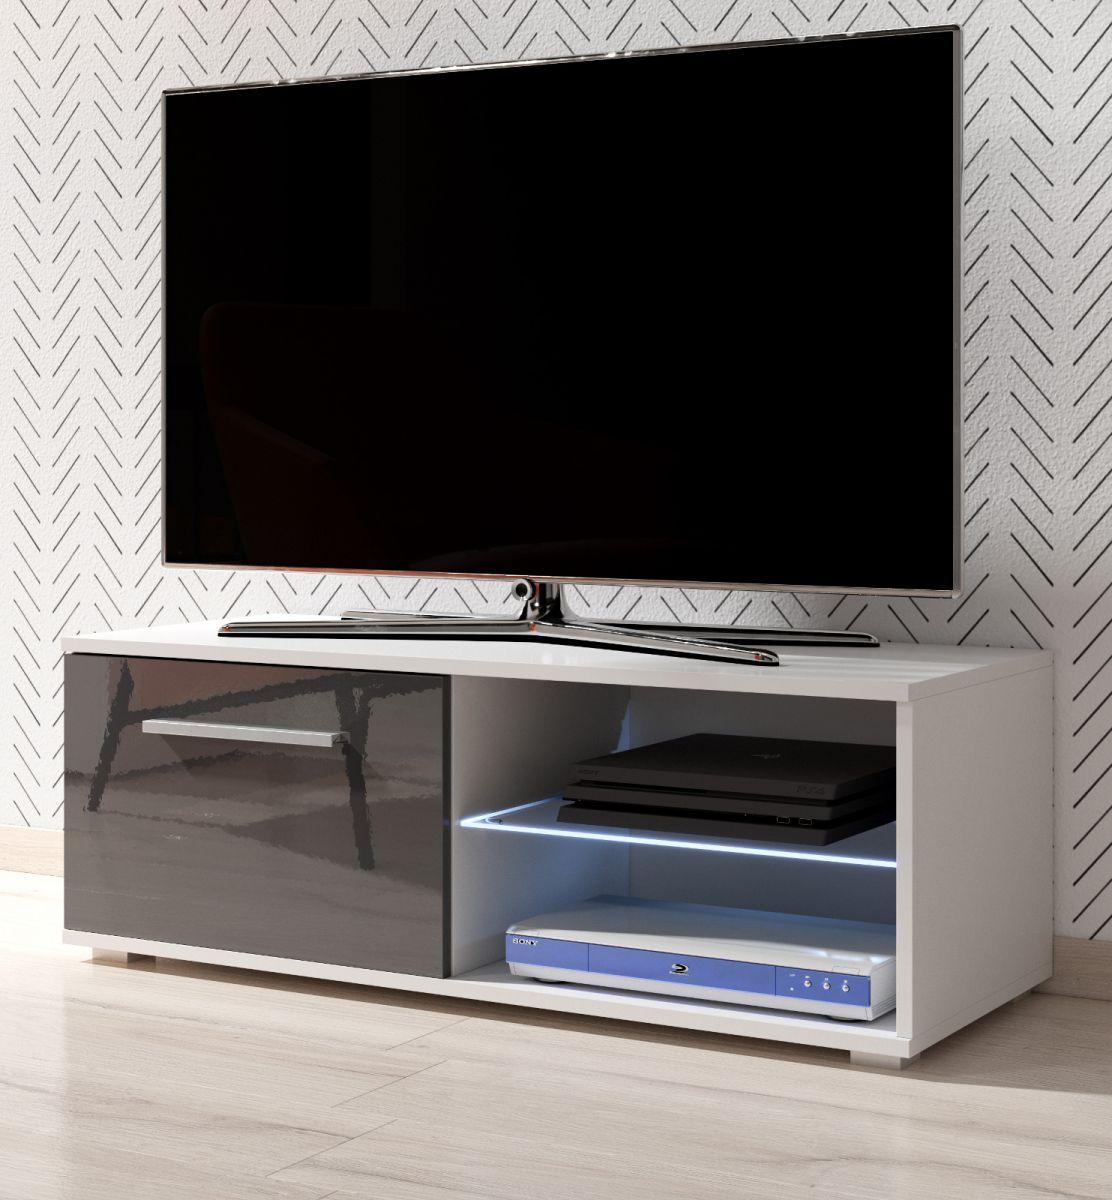 TV-Lowboard Earth Hochglanz grau mit Beleuchtung 100 cm